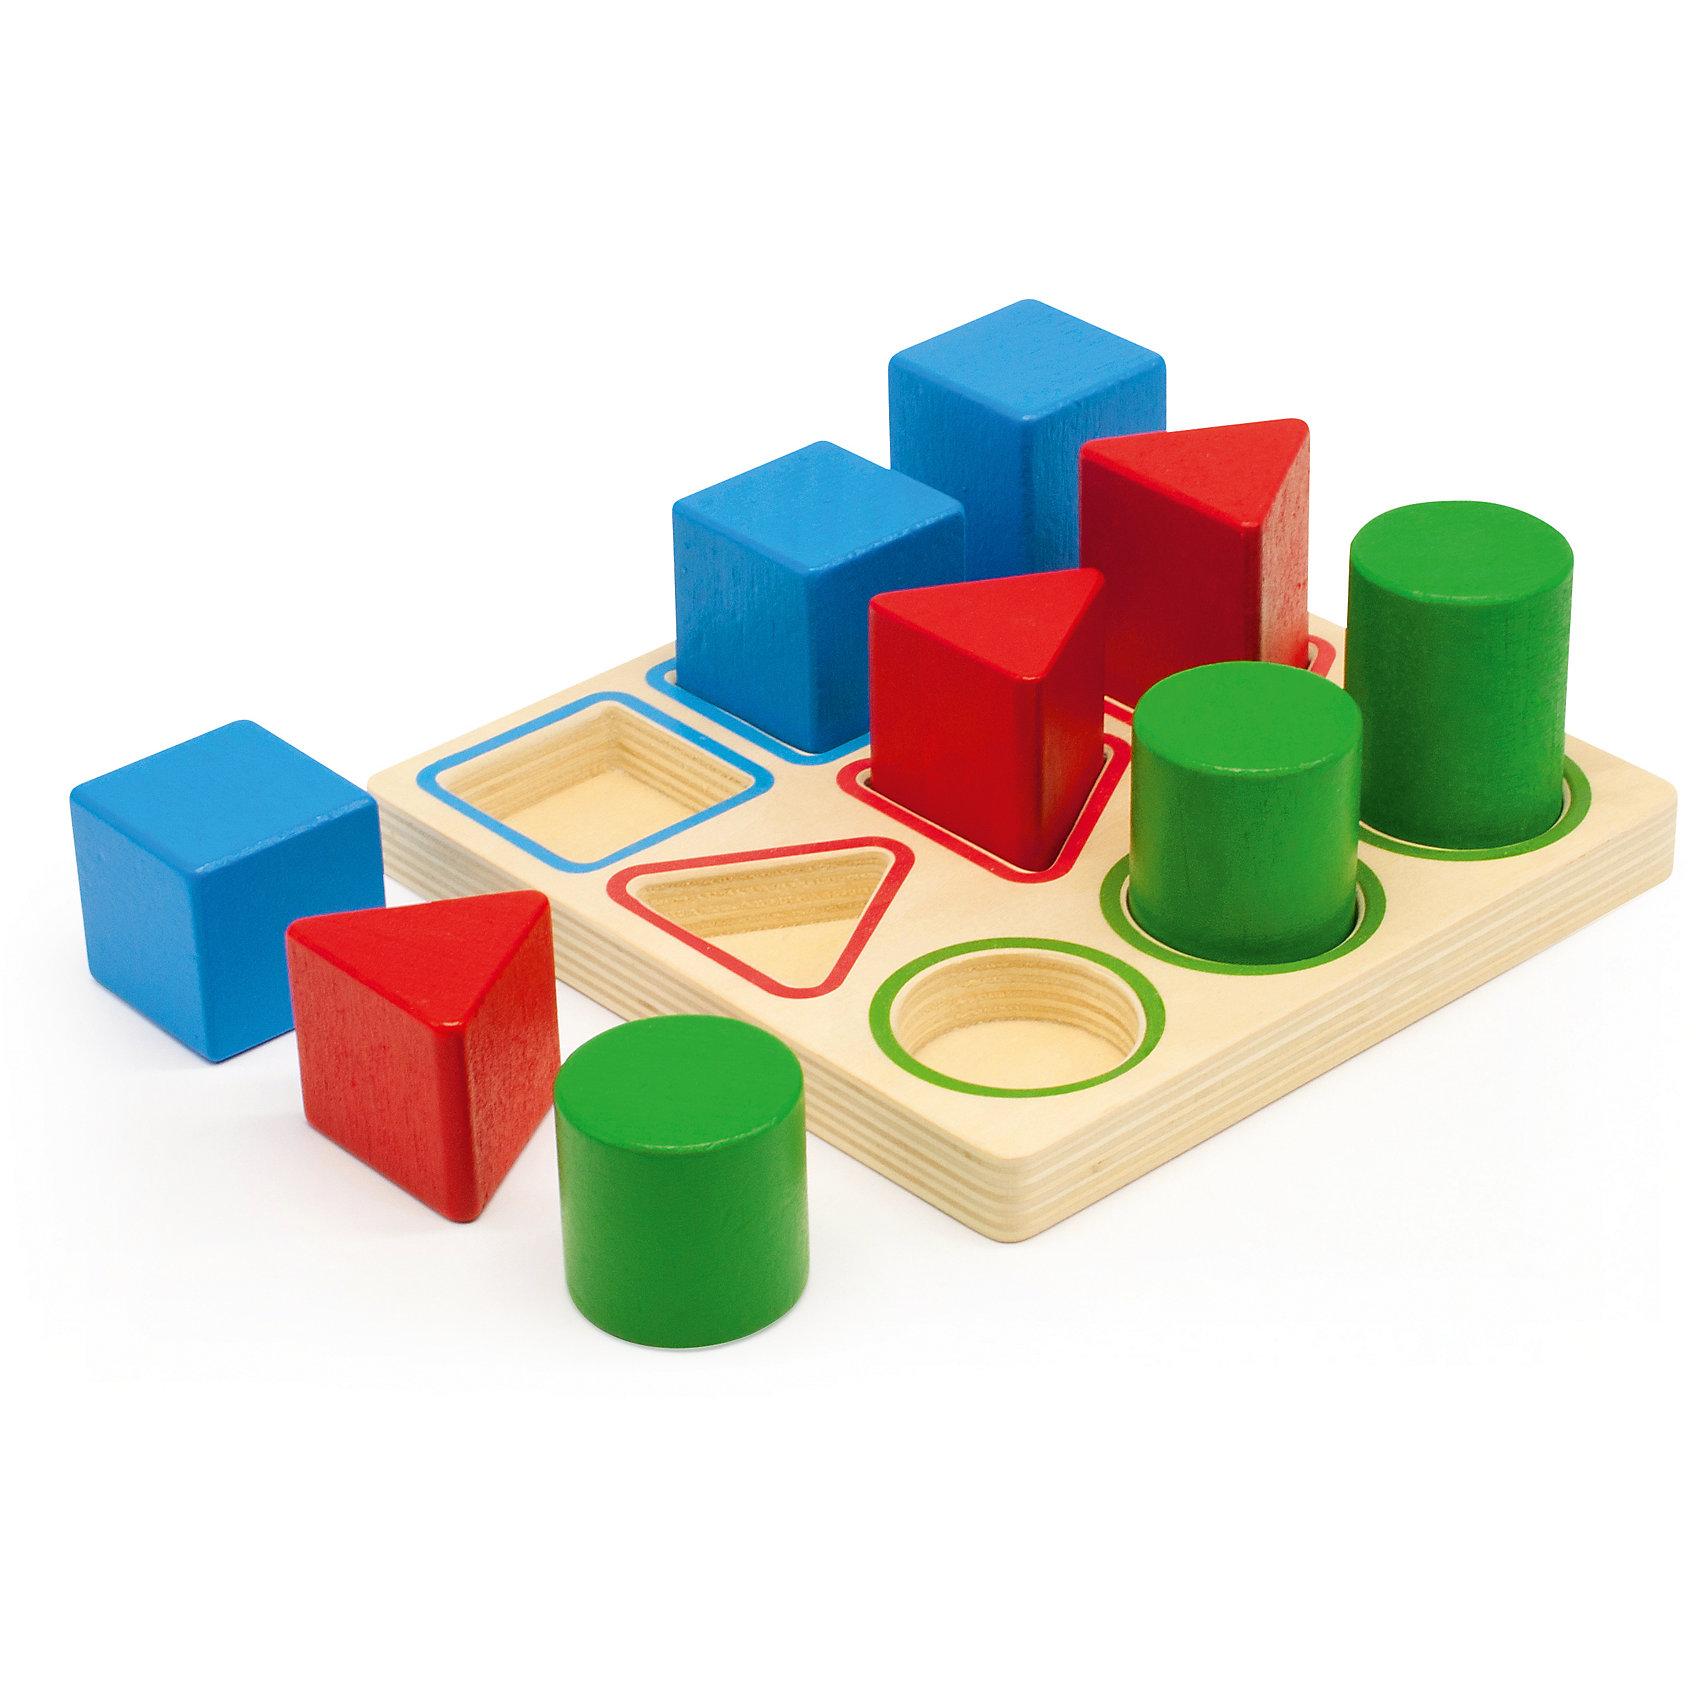 Сортировщик Геометрия, Мир деревянных игрушек